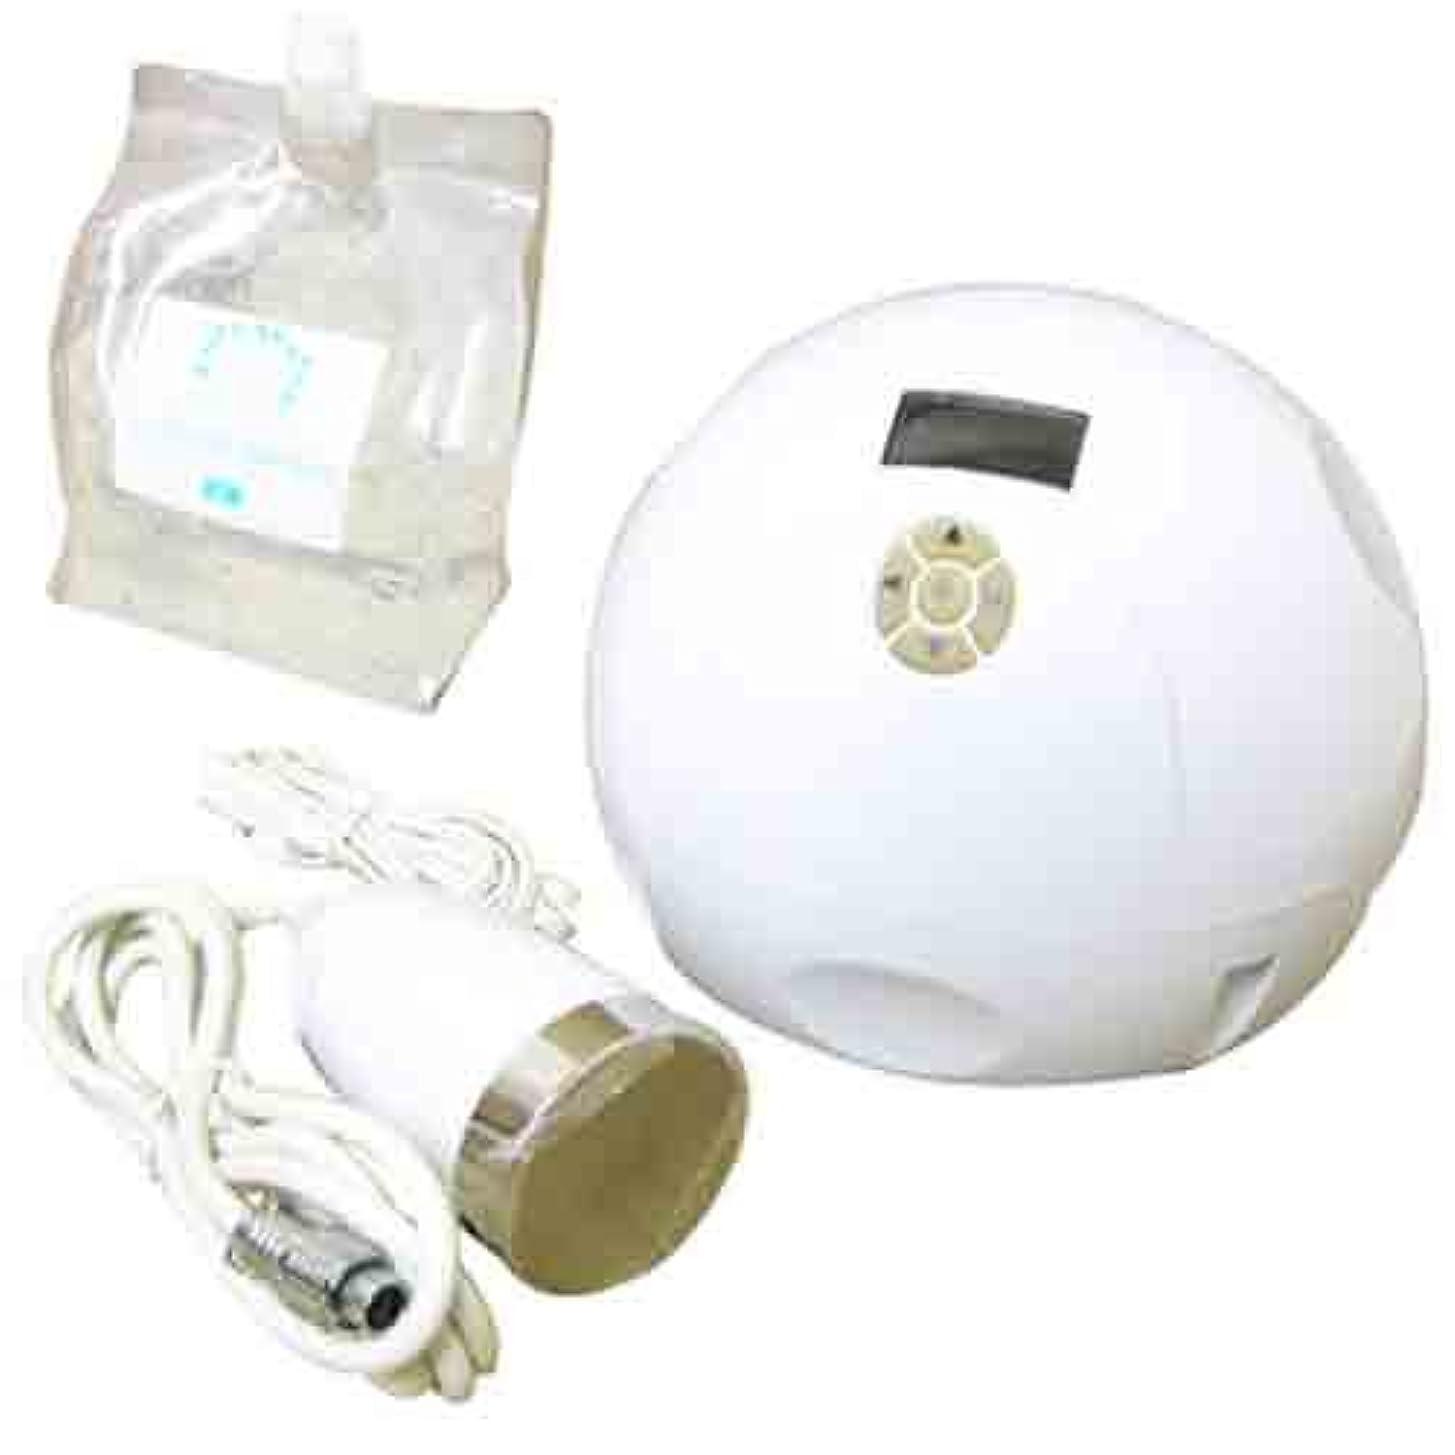 誓約配管のど家庭用美容器キャビテーション mini-MAX+キャビ&フラッシュジェル〈スーパーハード〉3L付き